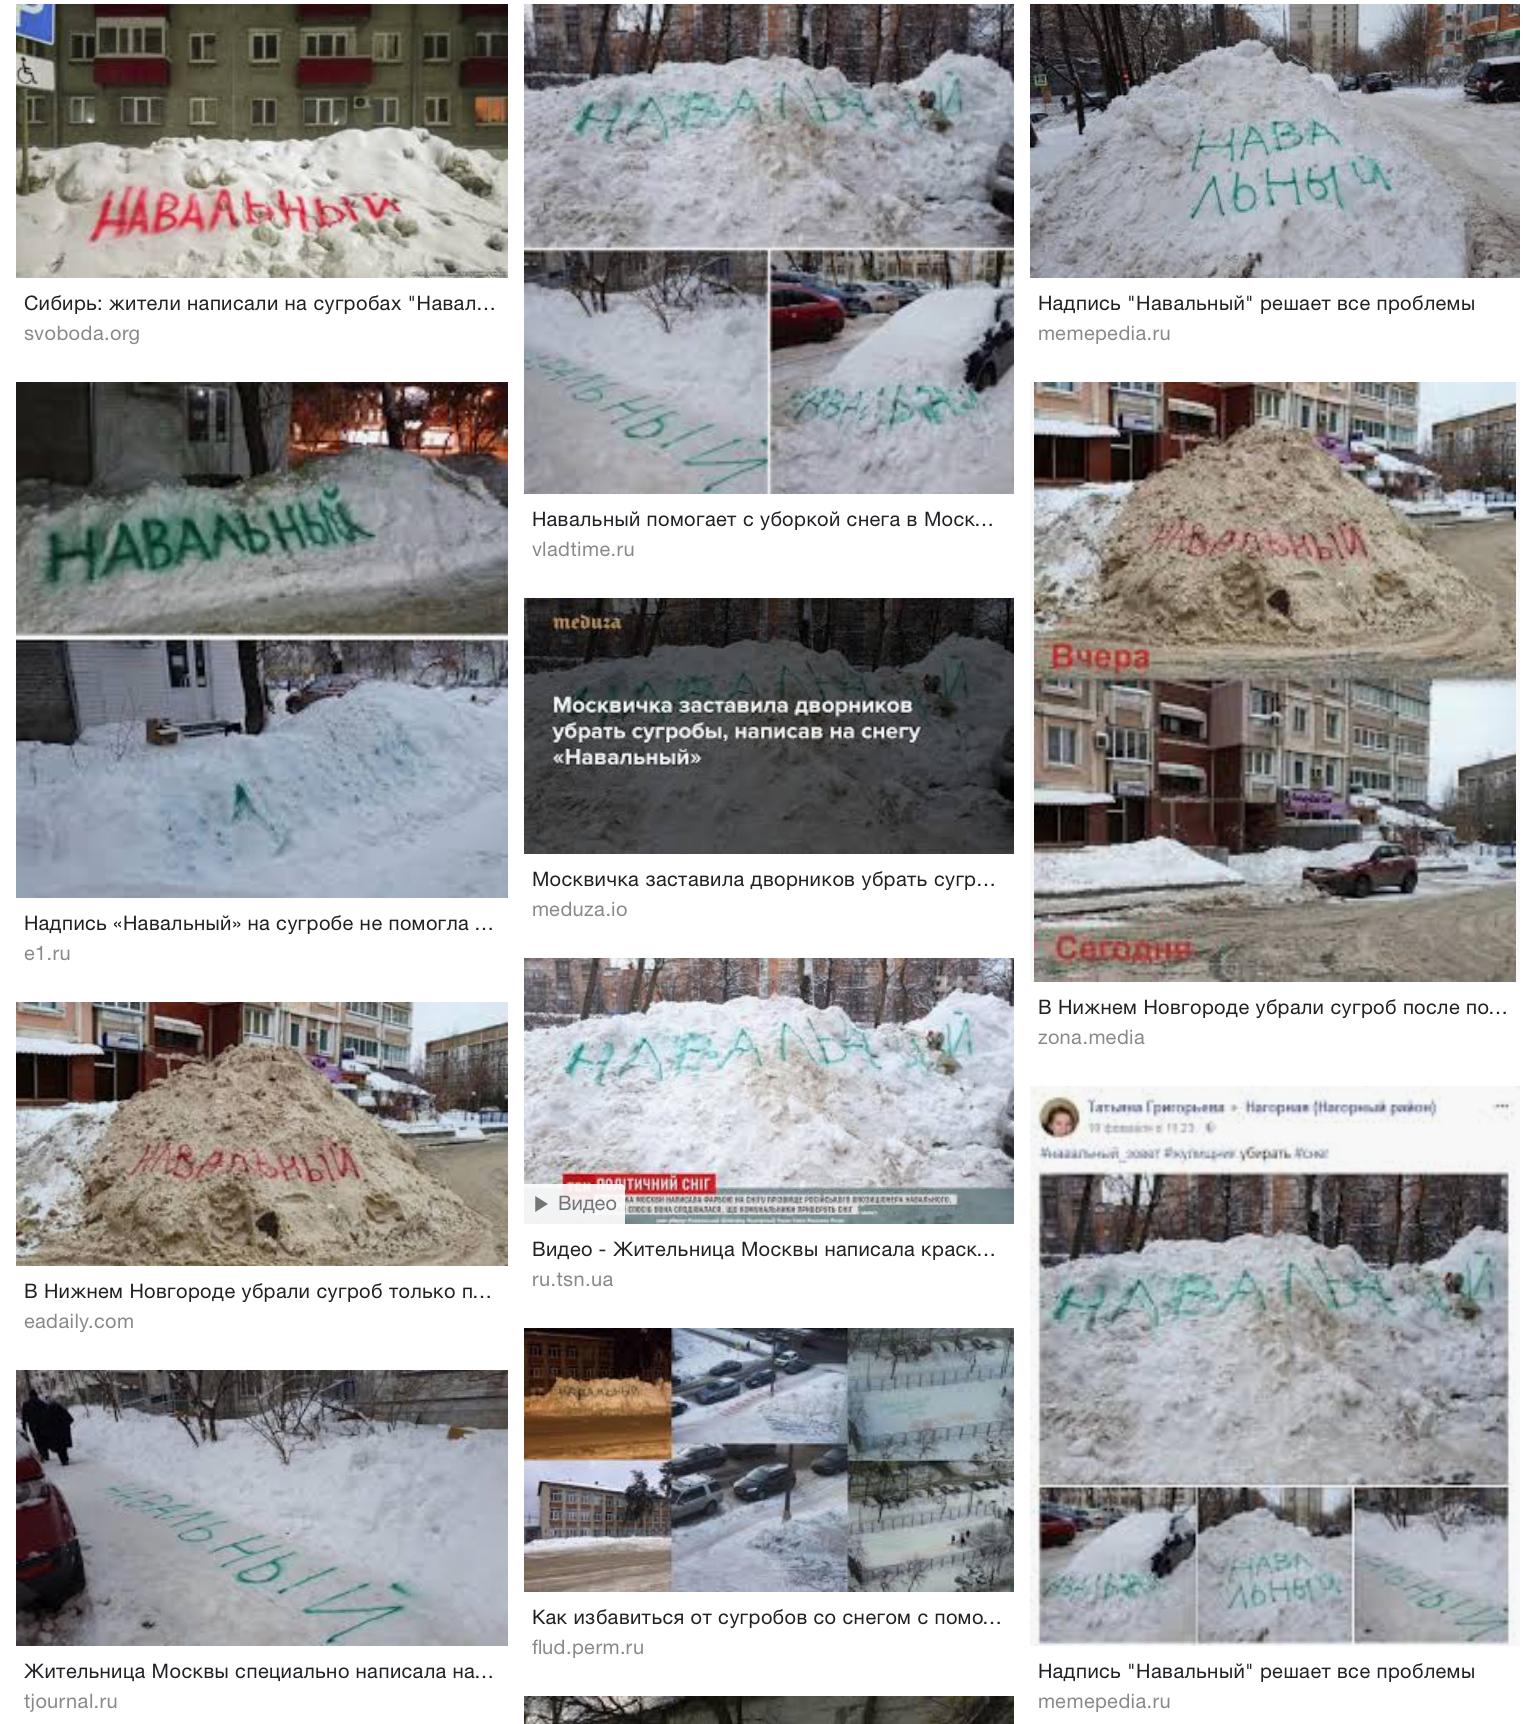 """Юлия Витязева: Сегодня они """"похоронили"""" Путина, завтра похоронят Россию"""